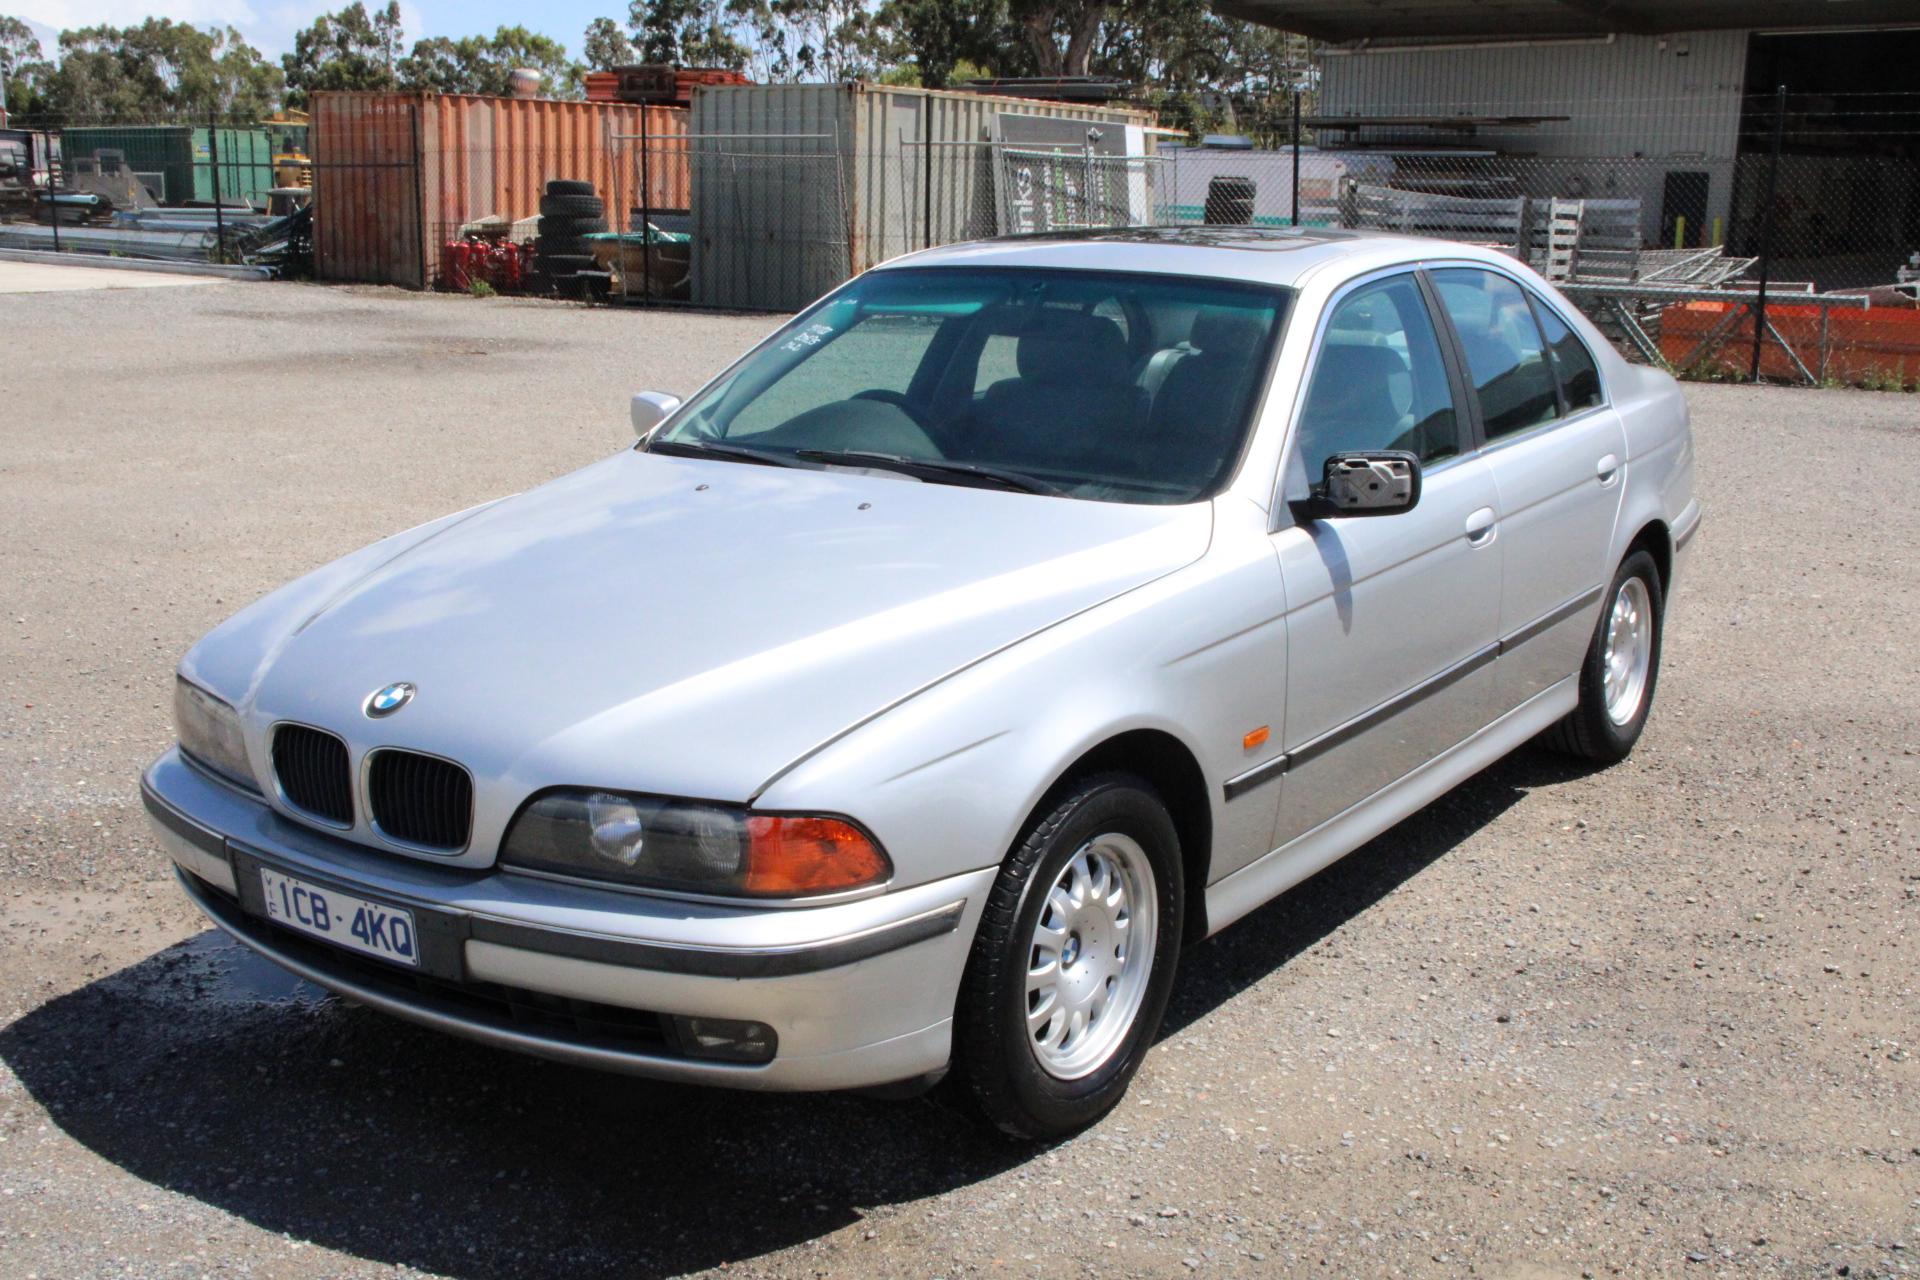 2000 BMW 5 23i E39 Automatic Sedan